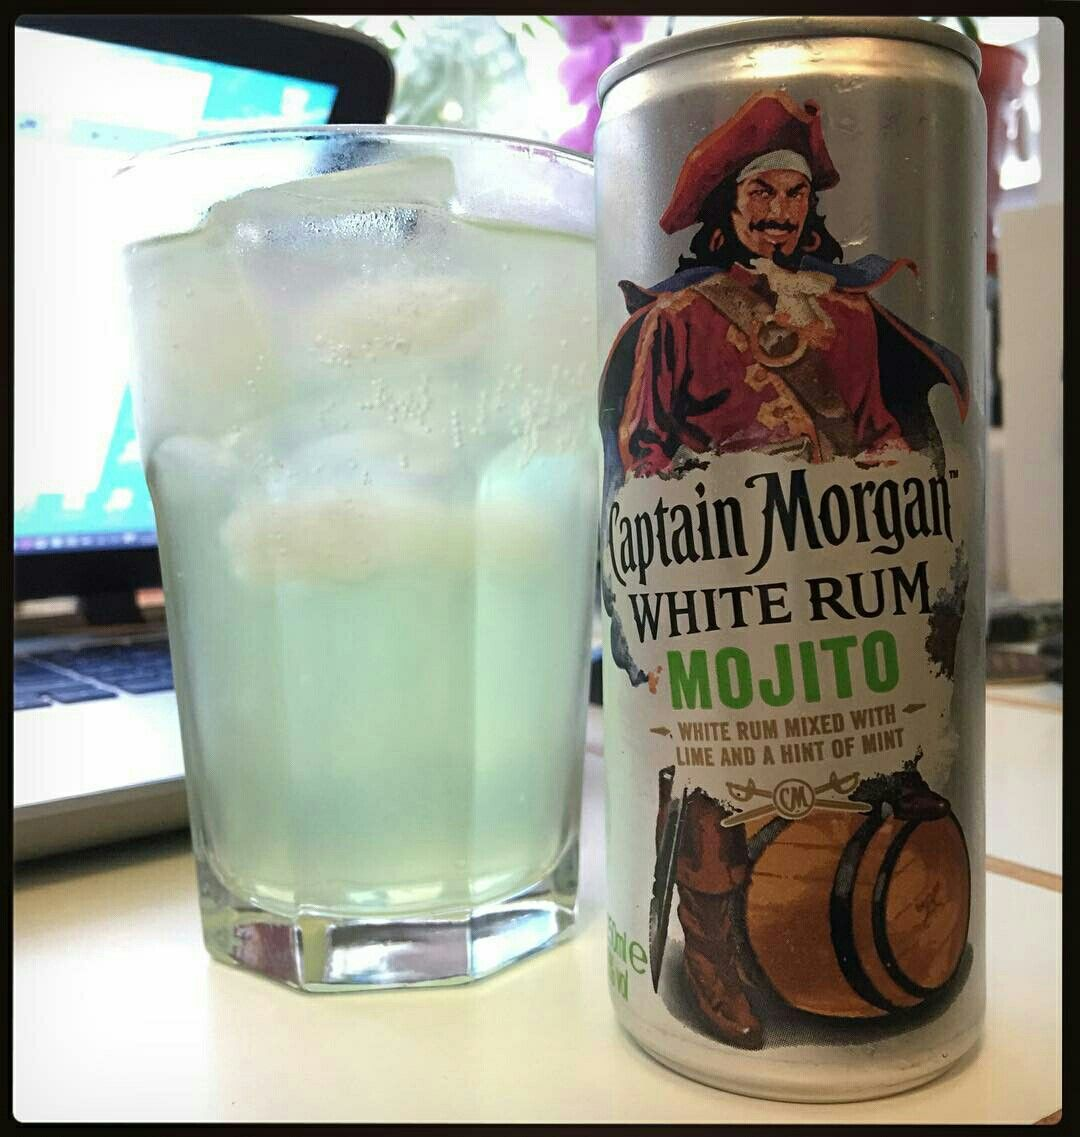 Captain Morgan Mojito Rum Rum Mojito White Rum